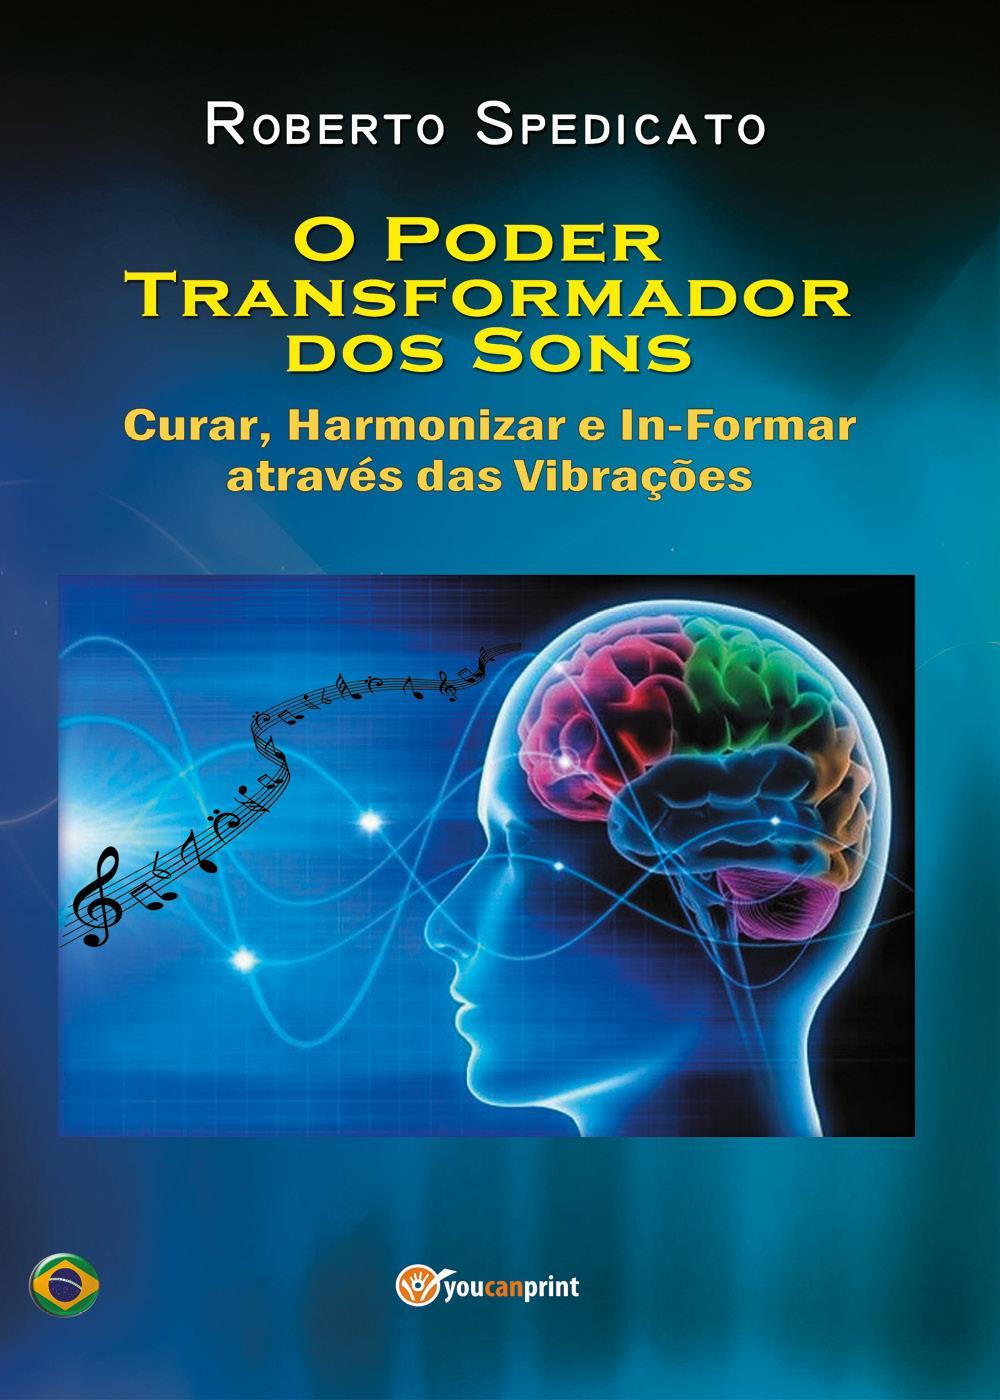 O PODER TRASFORMADOR DOS SONS – Curar, Harmonizar e In-Formar através das Vibrações